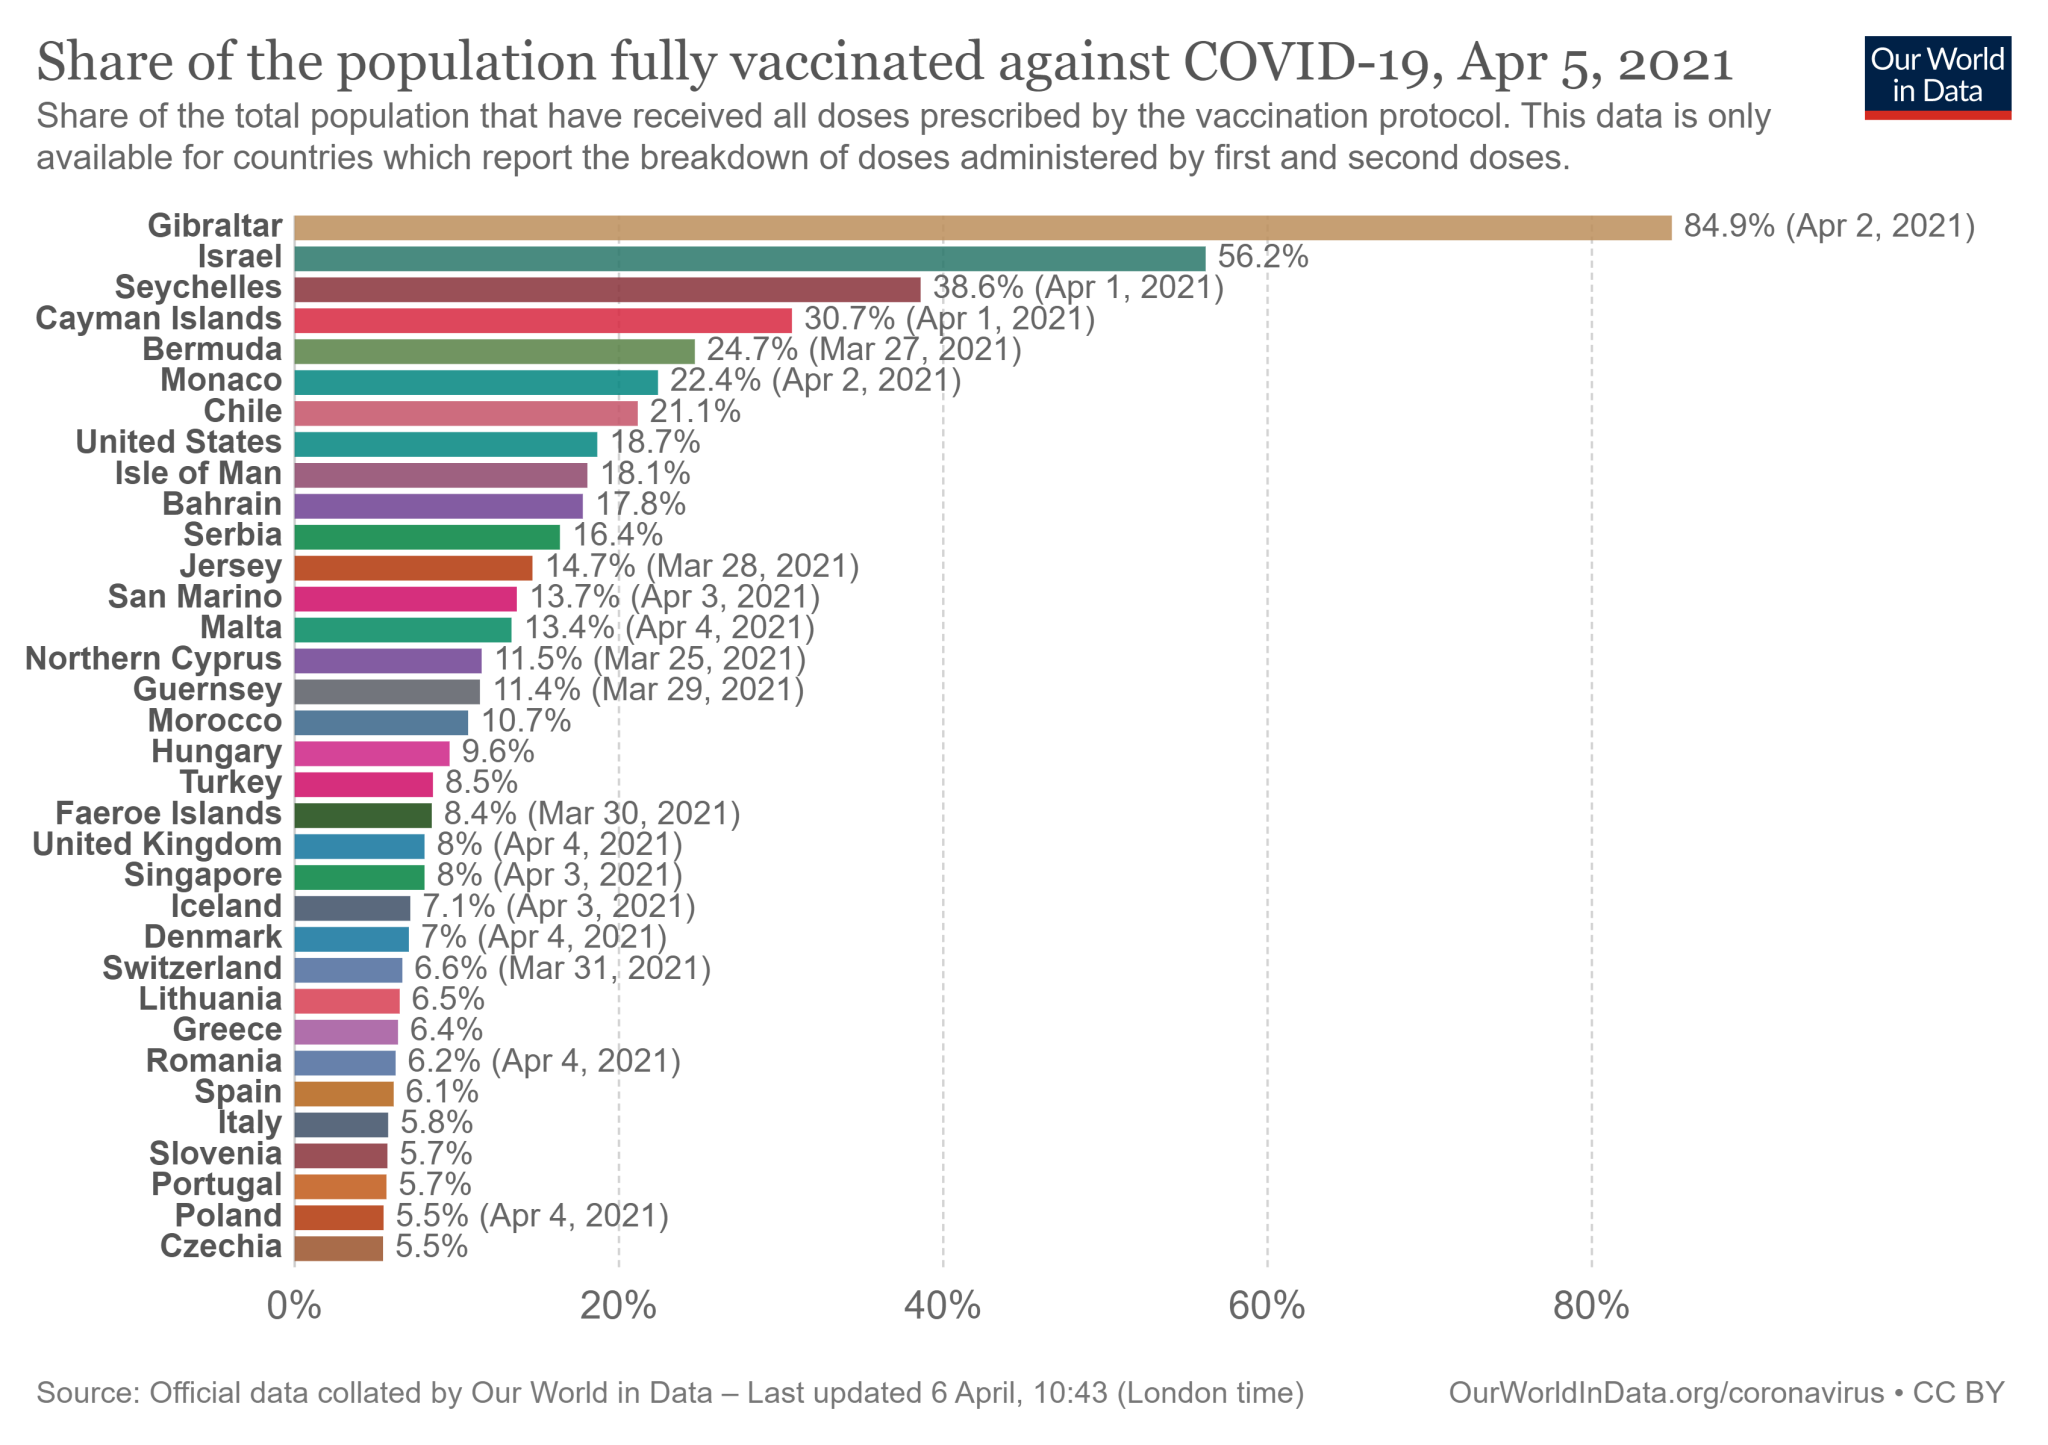 5 kwietnia 2021: Polska poza pierwszą trzydziestką państw na świecie z najwyższym odsetkiem obywateli w pełni zaszczepionych przeciw COVID-19